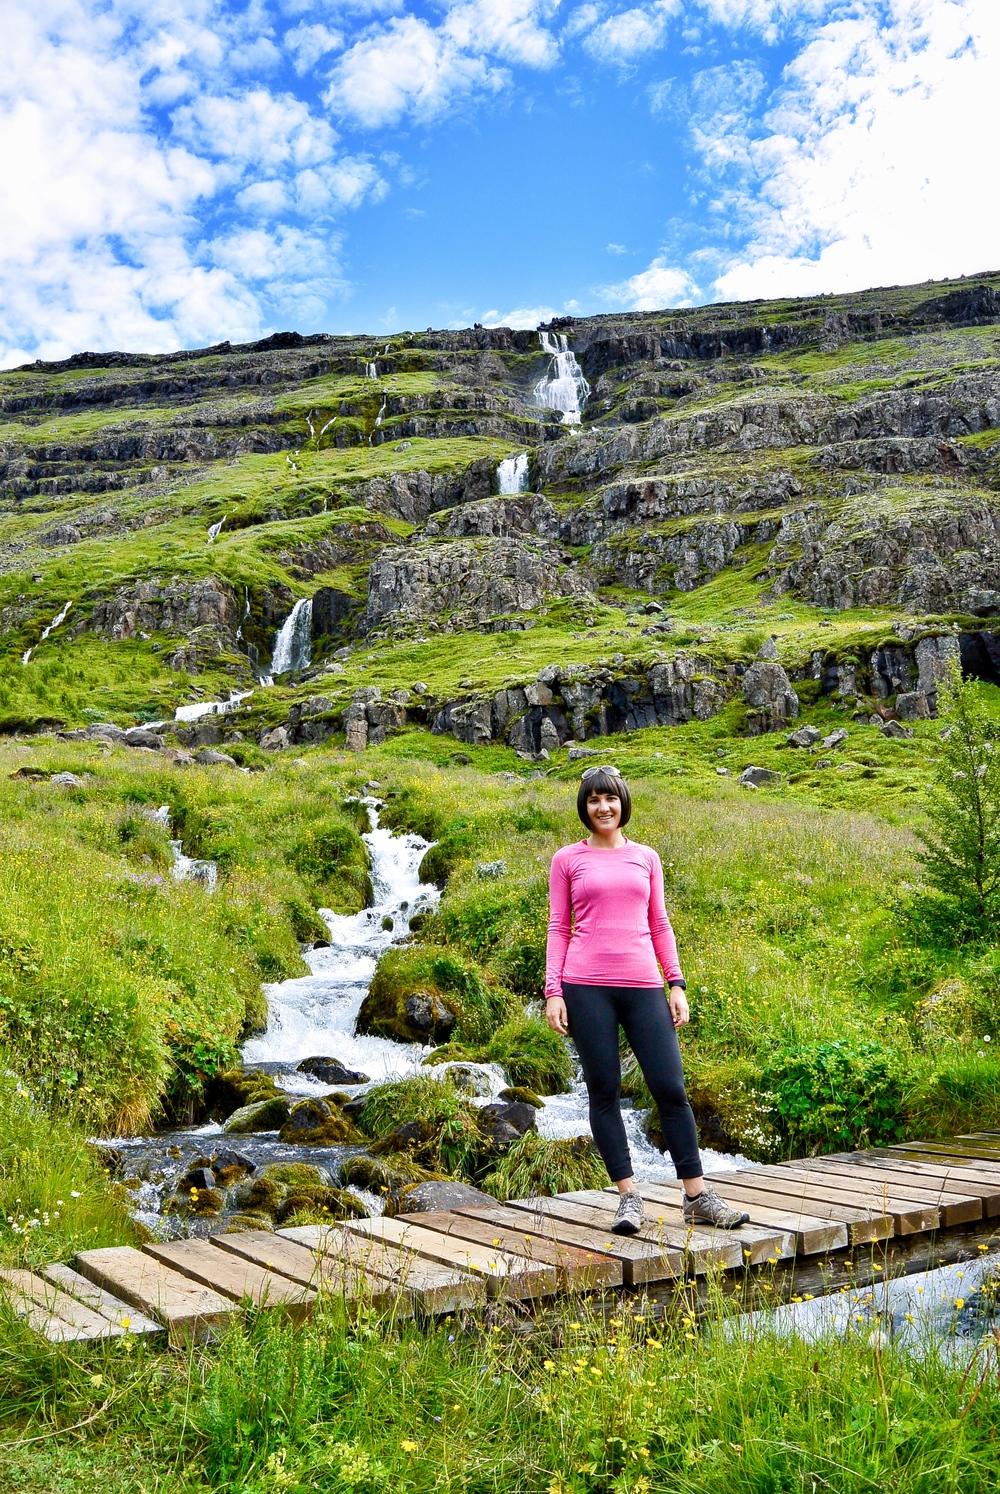 Hiking in Seyðisfjörður